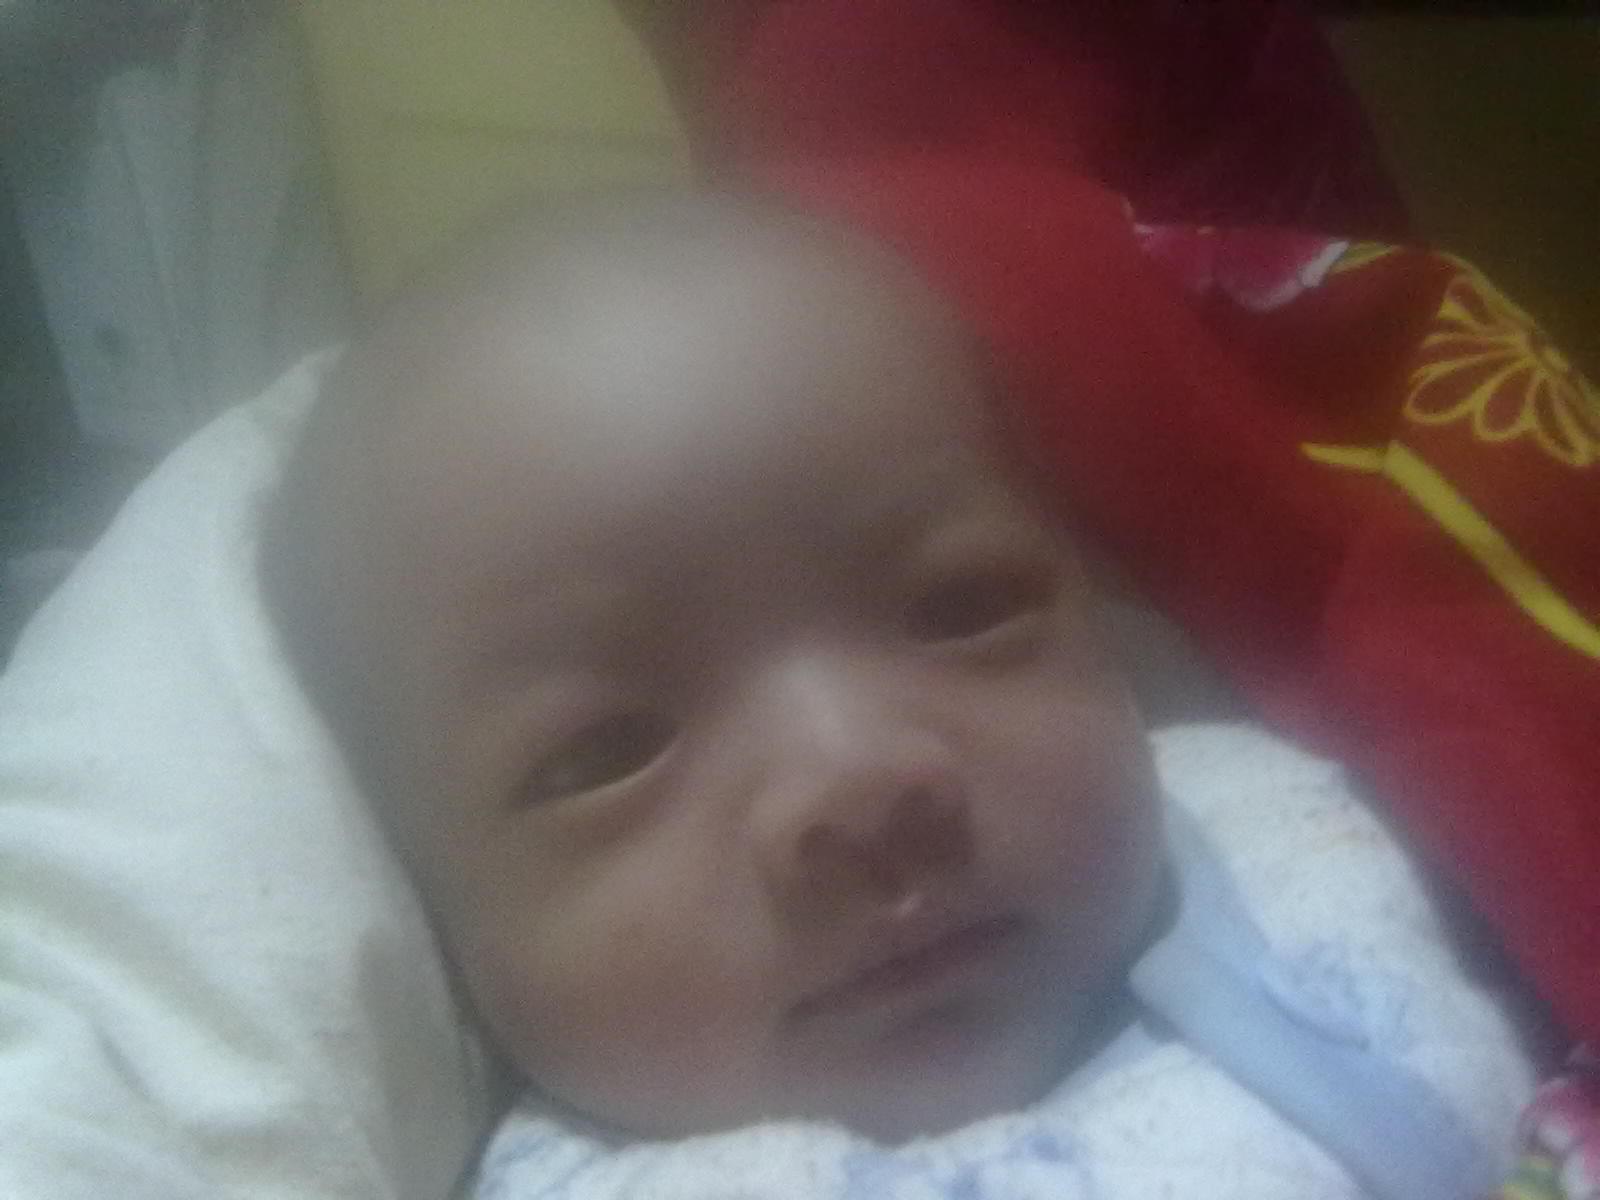 我姓石,我家宝宝大年三十(16:50)生的,男孩,六斤七两,起什么名字好,在图片